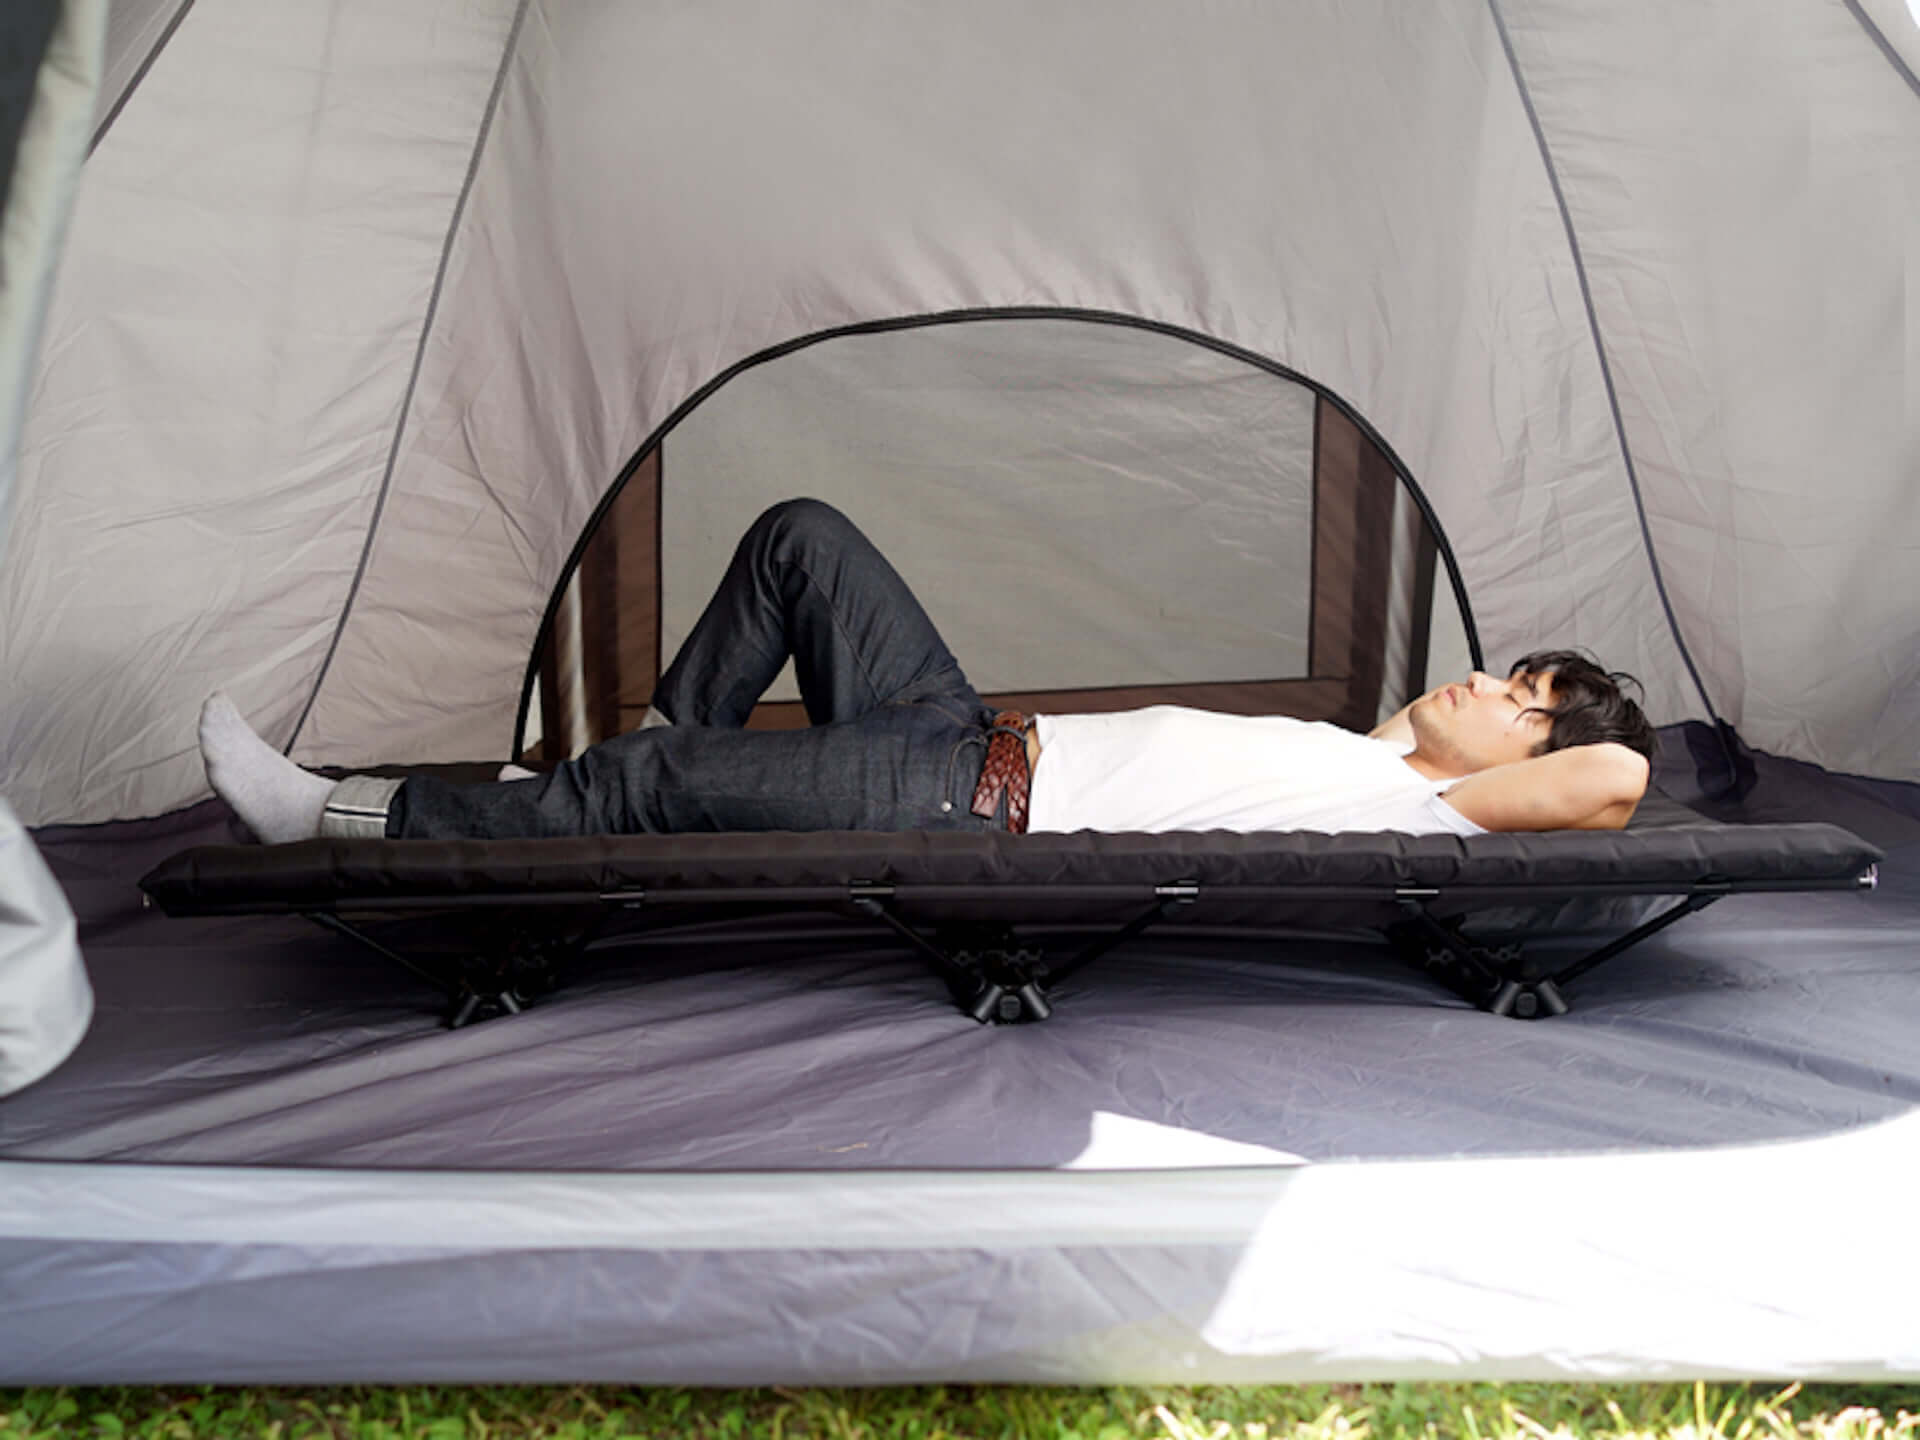 1台3役のキャンプ用ふかふかベッドが登場!男性でも快適な幅広設計なのにコンパクトで持ち運びに便利 lifefashion190723dod-camp-cot_3-1920x1440